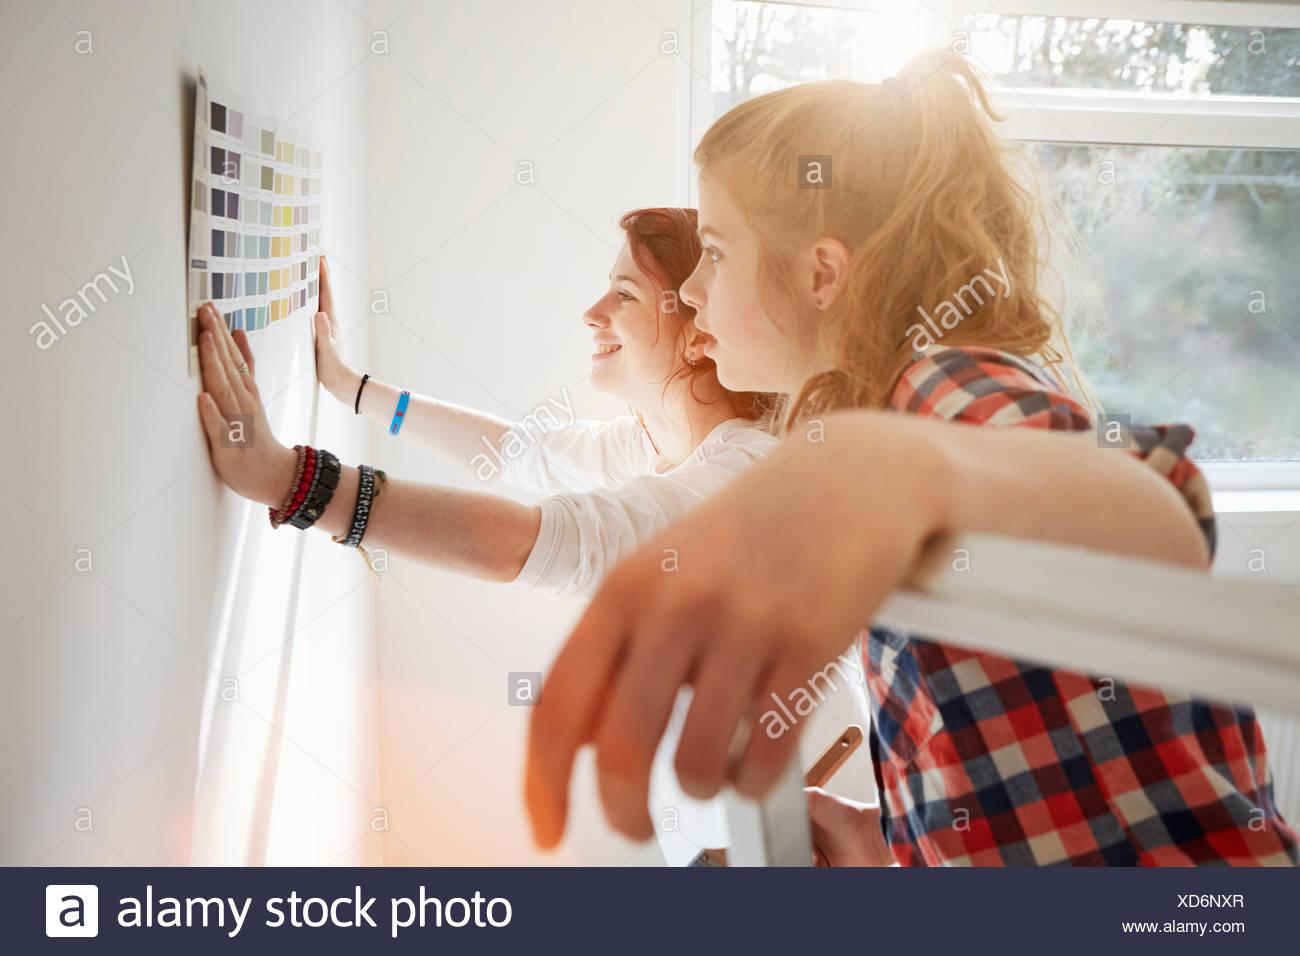 Hermanas adolescentes celebración muestrario de colores contra la pared Imagen De Stock